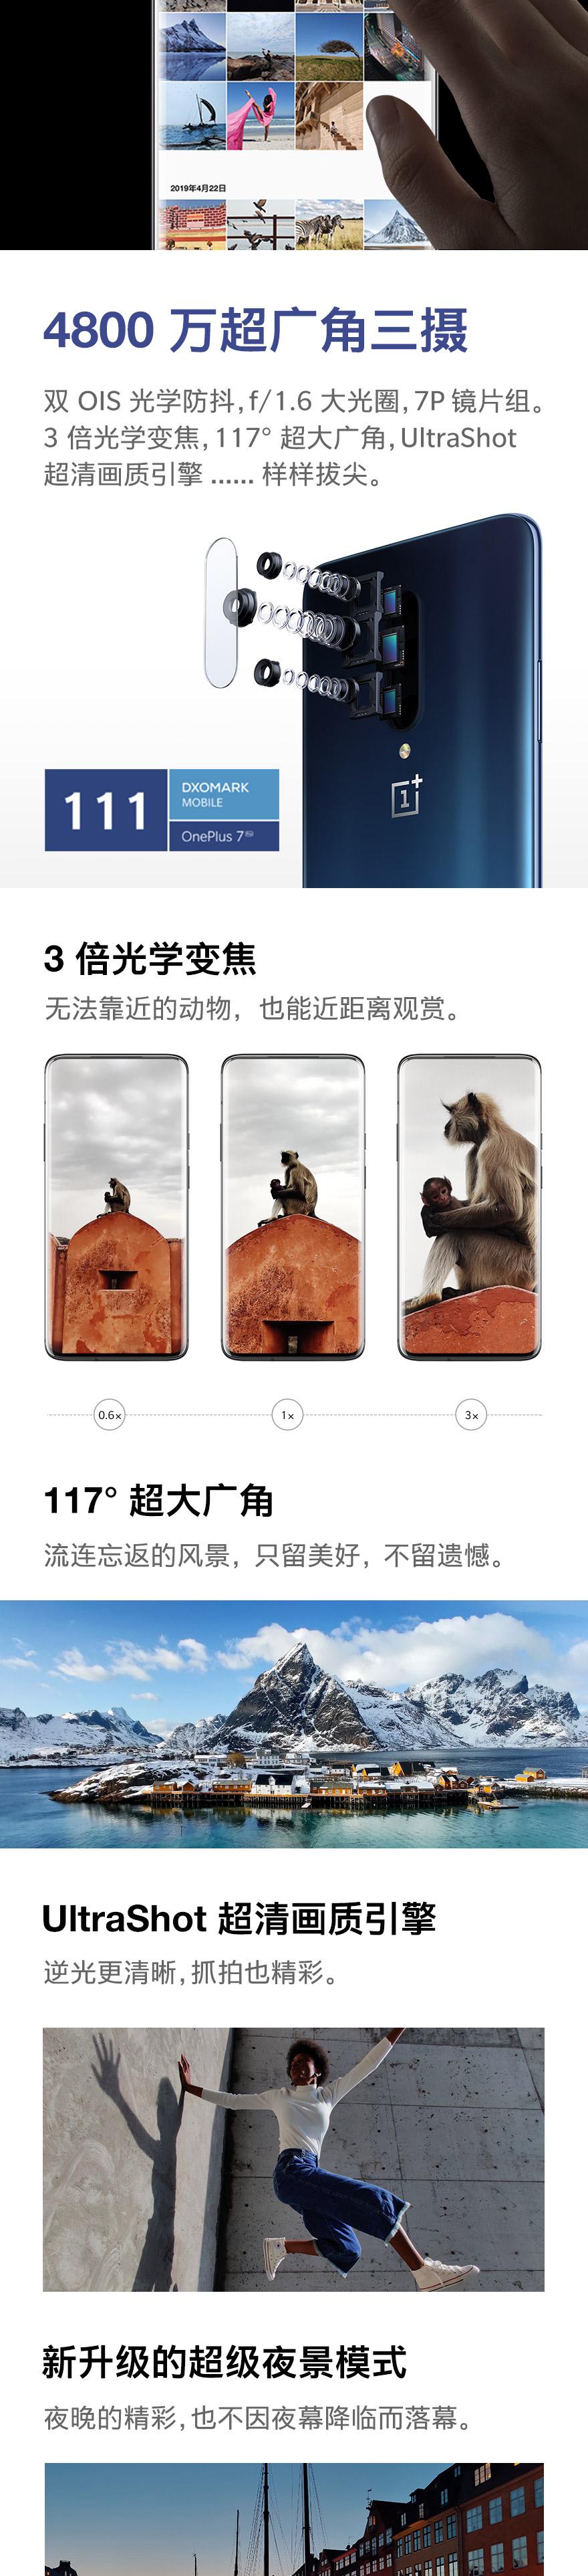 一张图-new_02.jpg